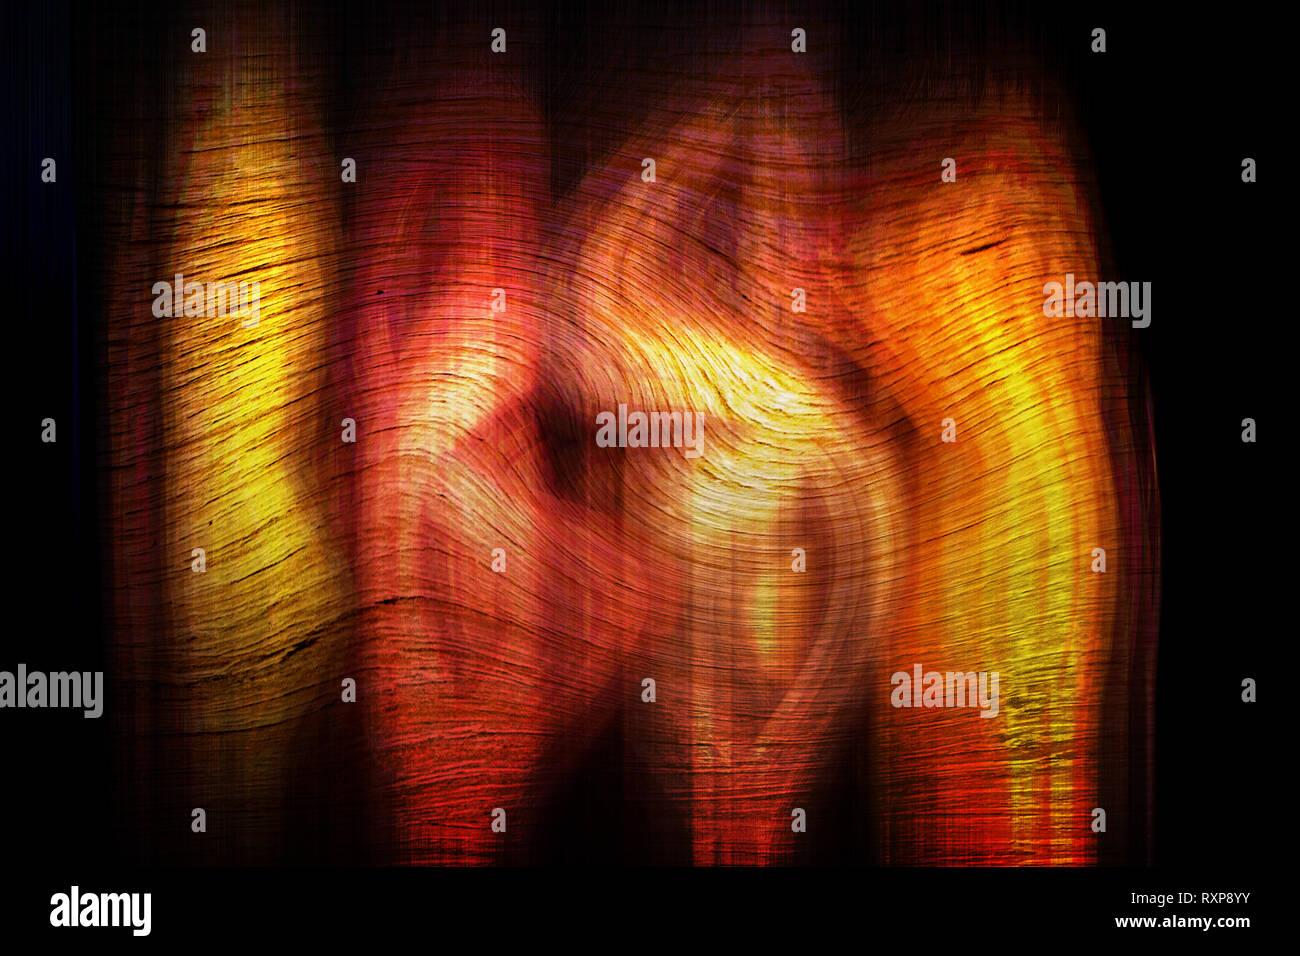 Konzept Abstract: Abract Färbung Stockbild